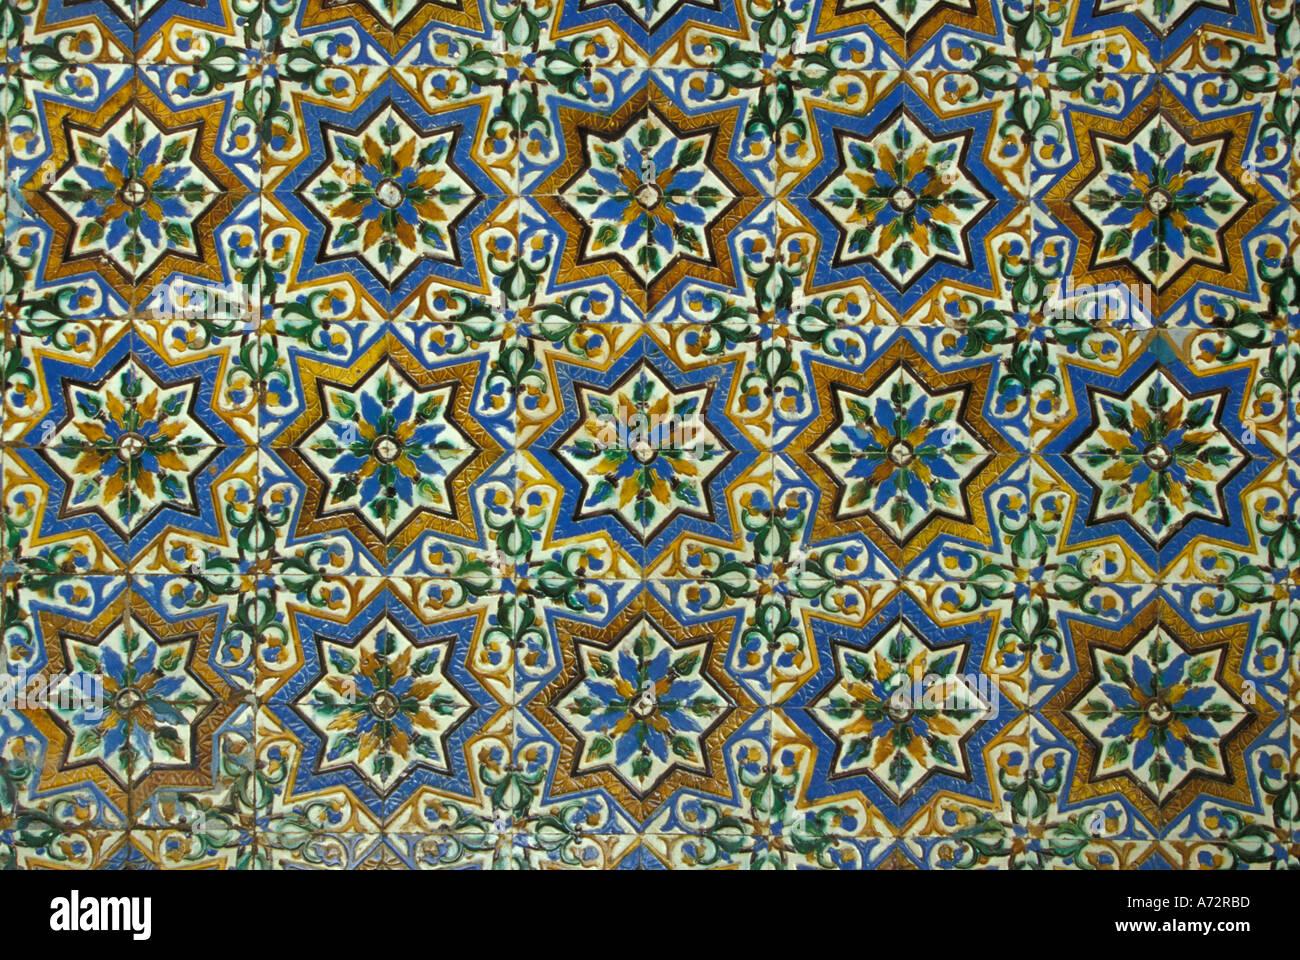 Ceramic art tiles uk